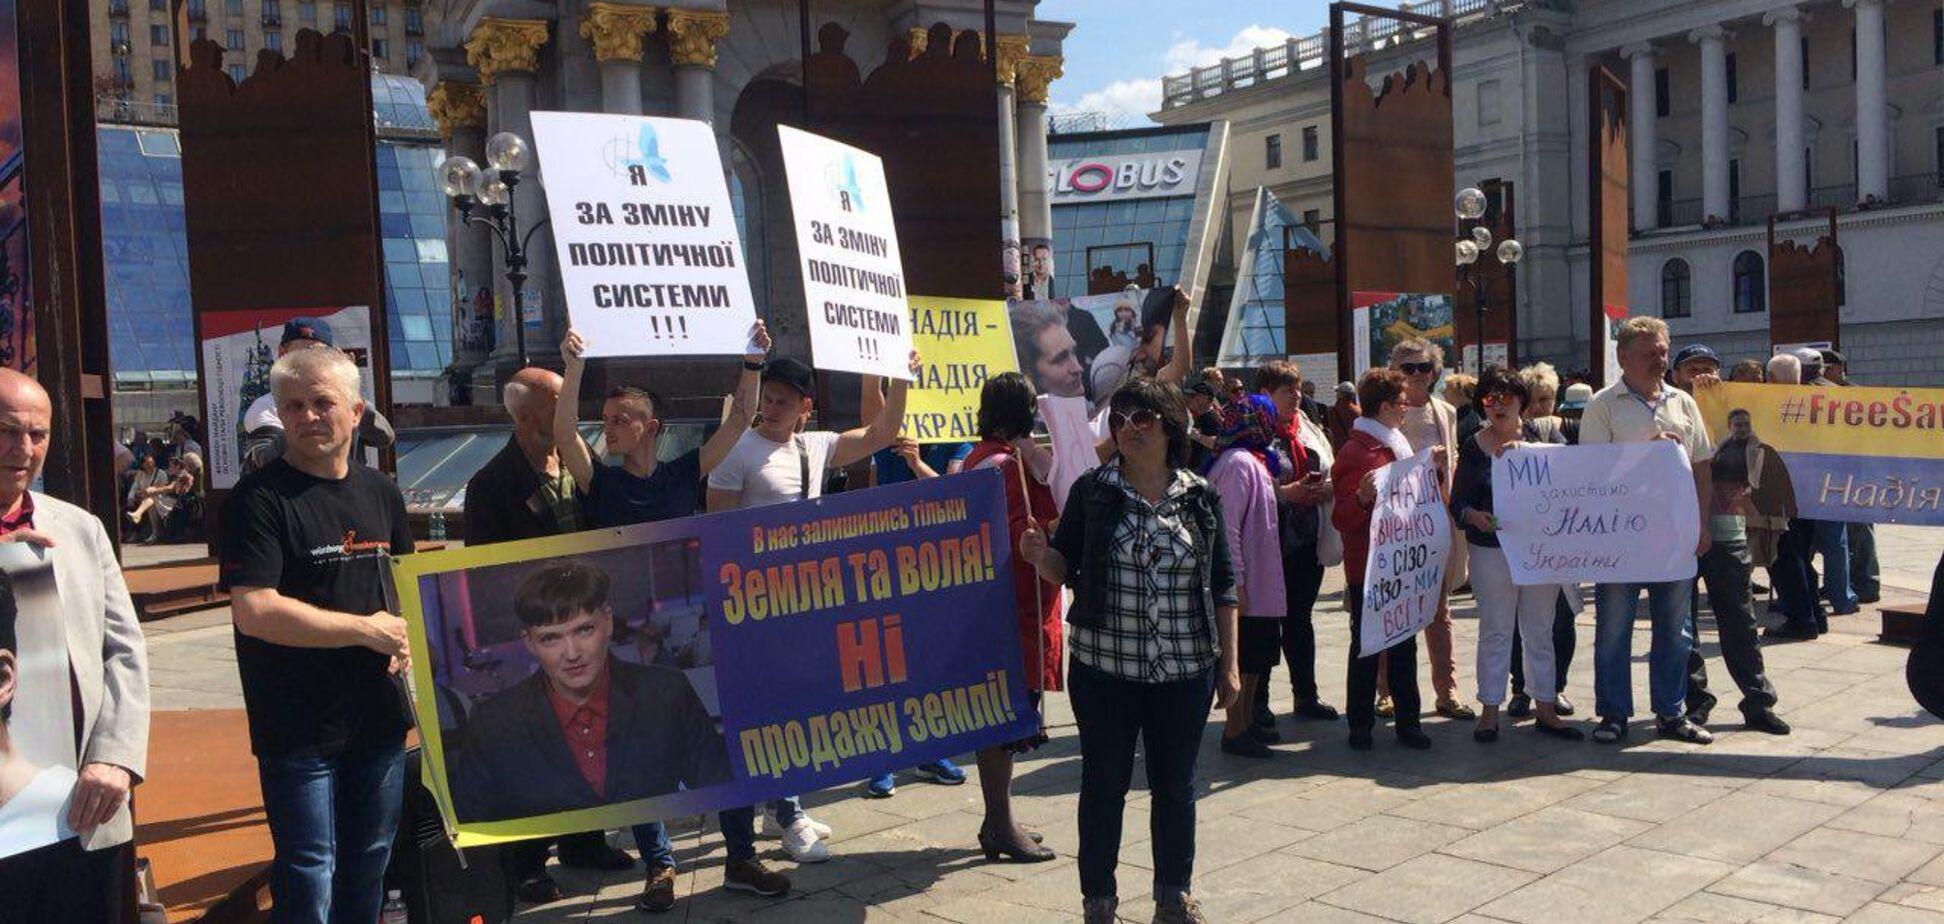 'Наді погано': сестра Савченко зібрала людей на Майдані